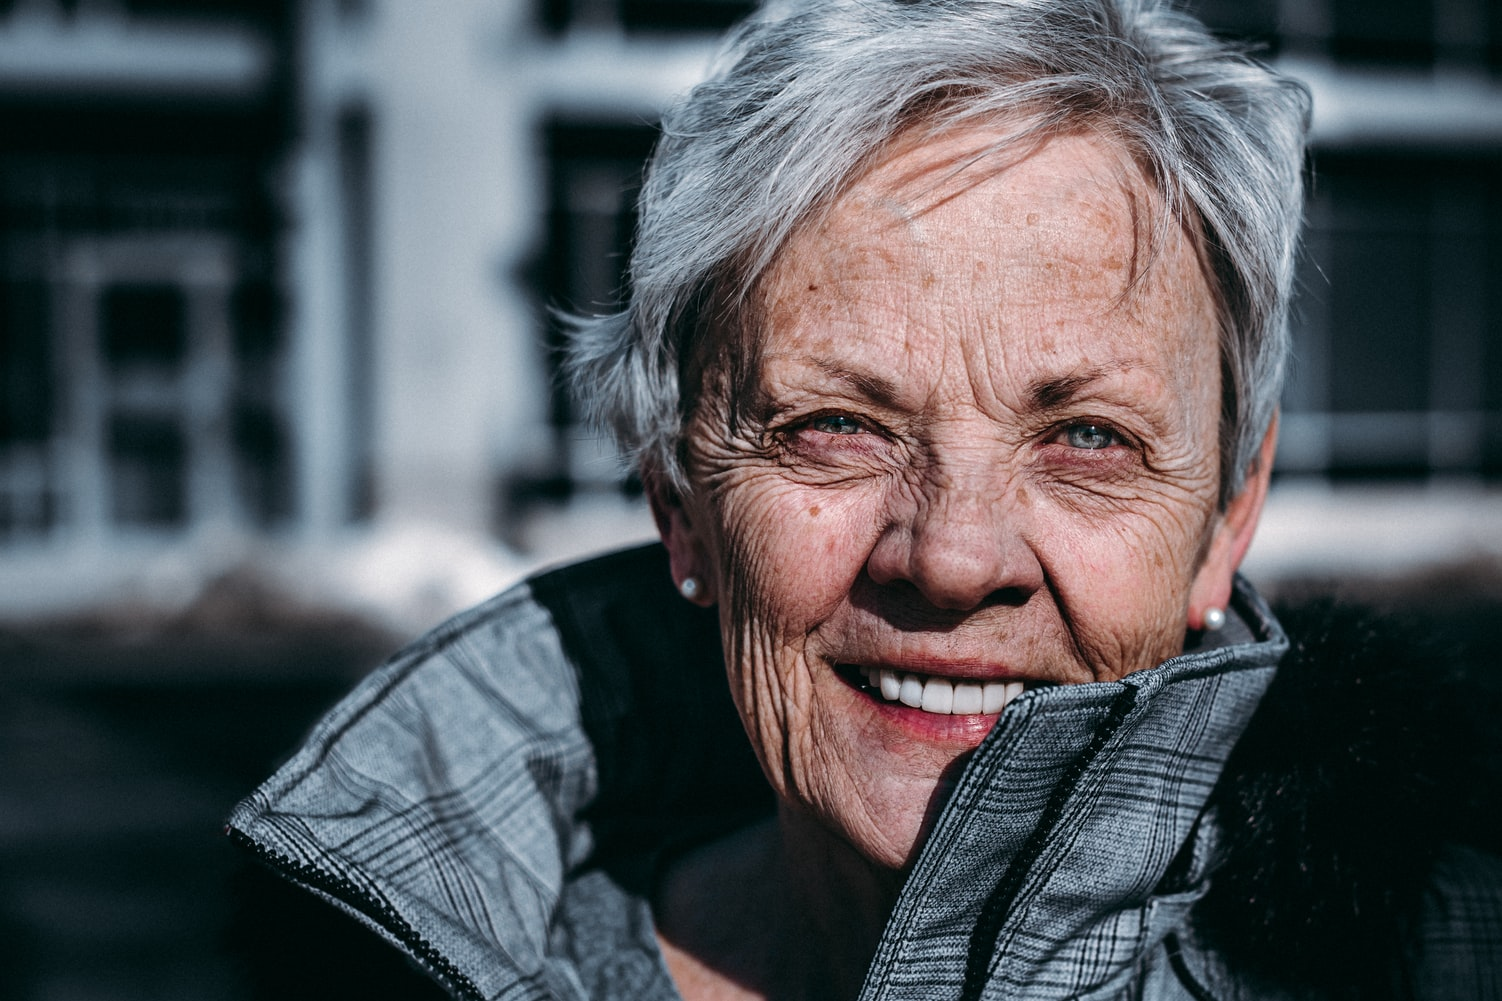 an elderly woman after EPAT